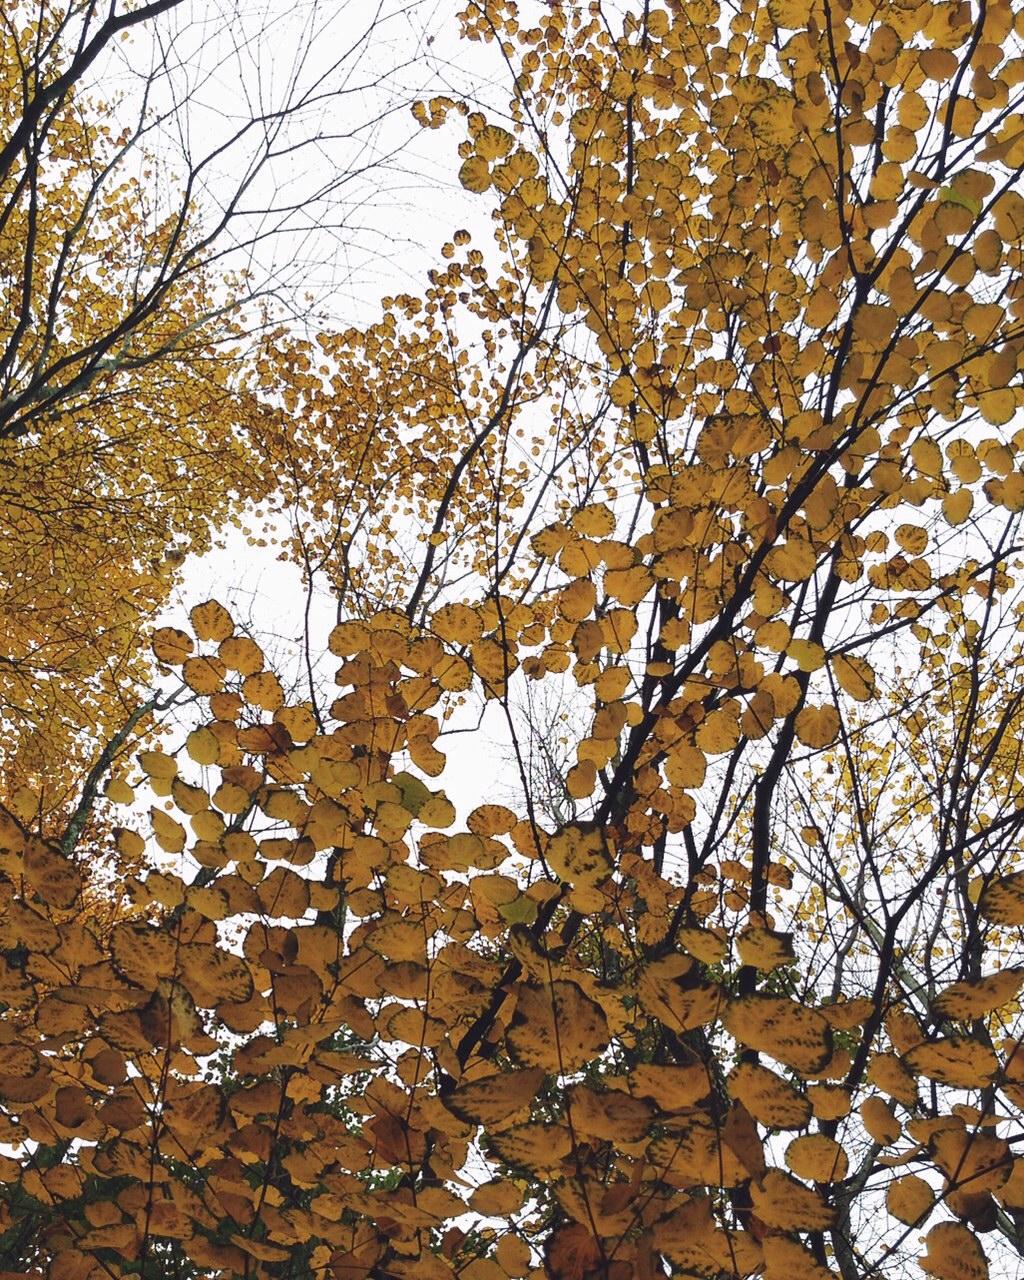 Autumn colors in Parc de Bercy